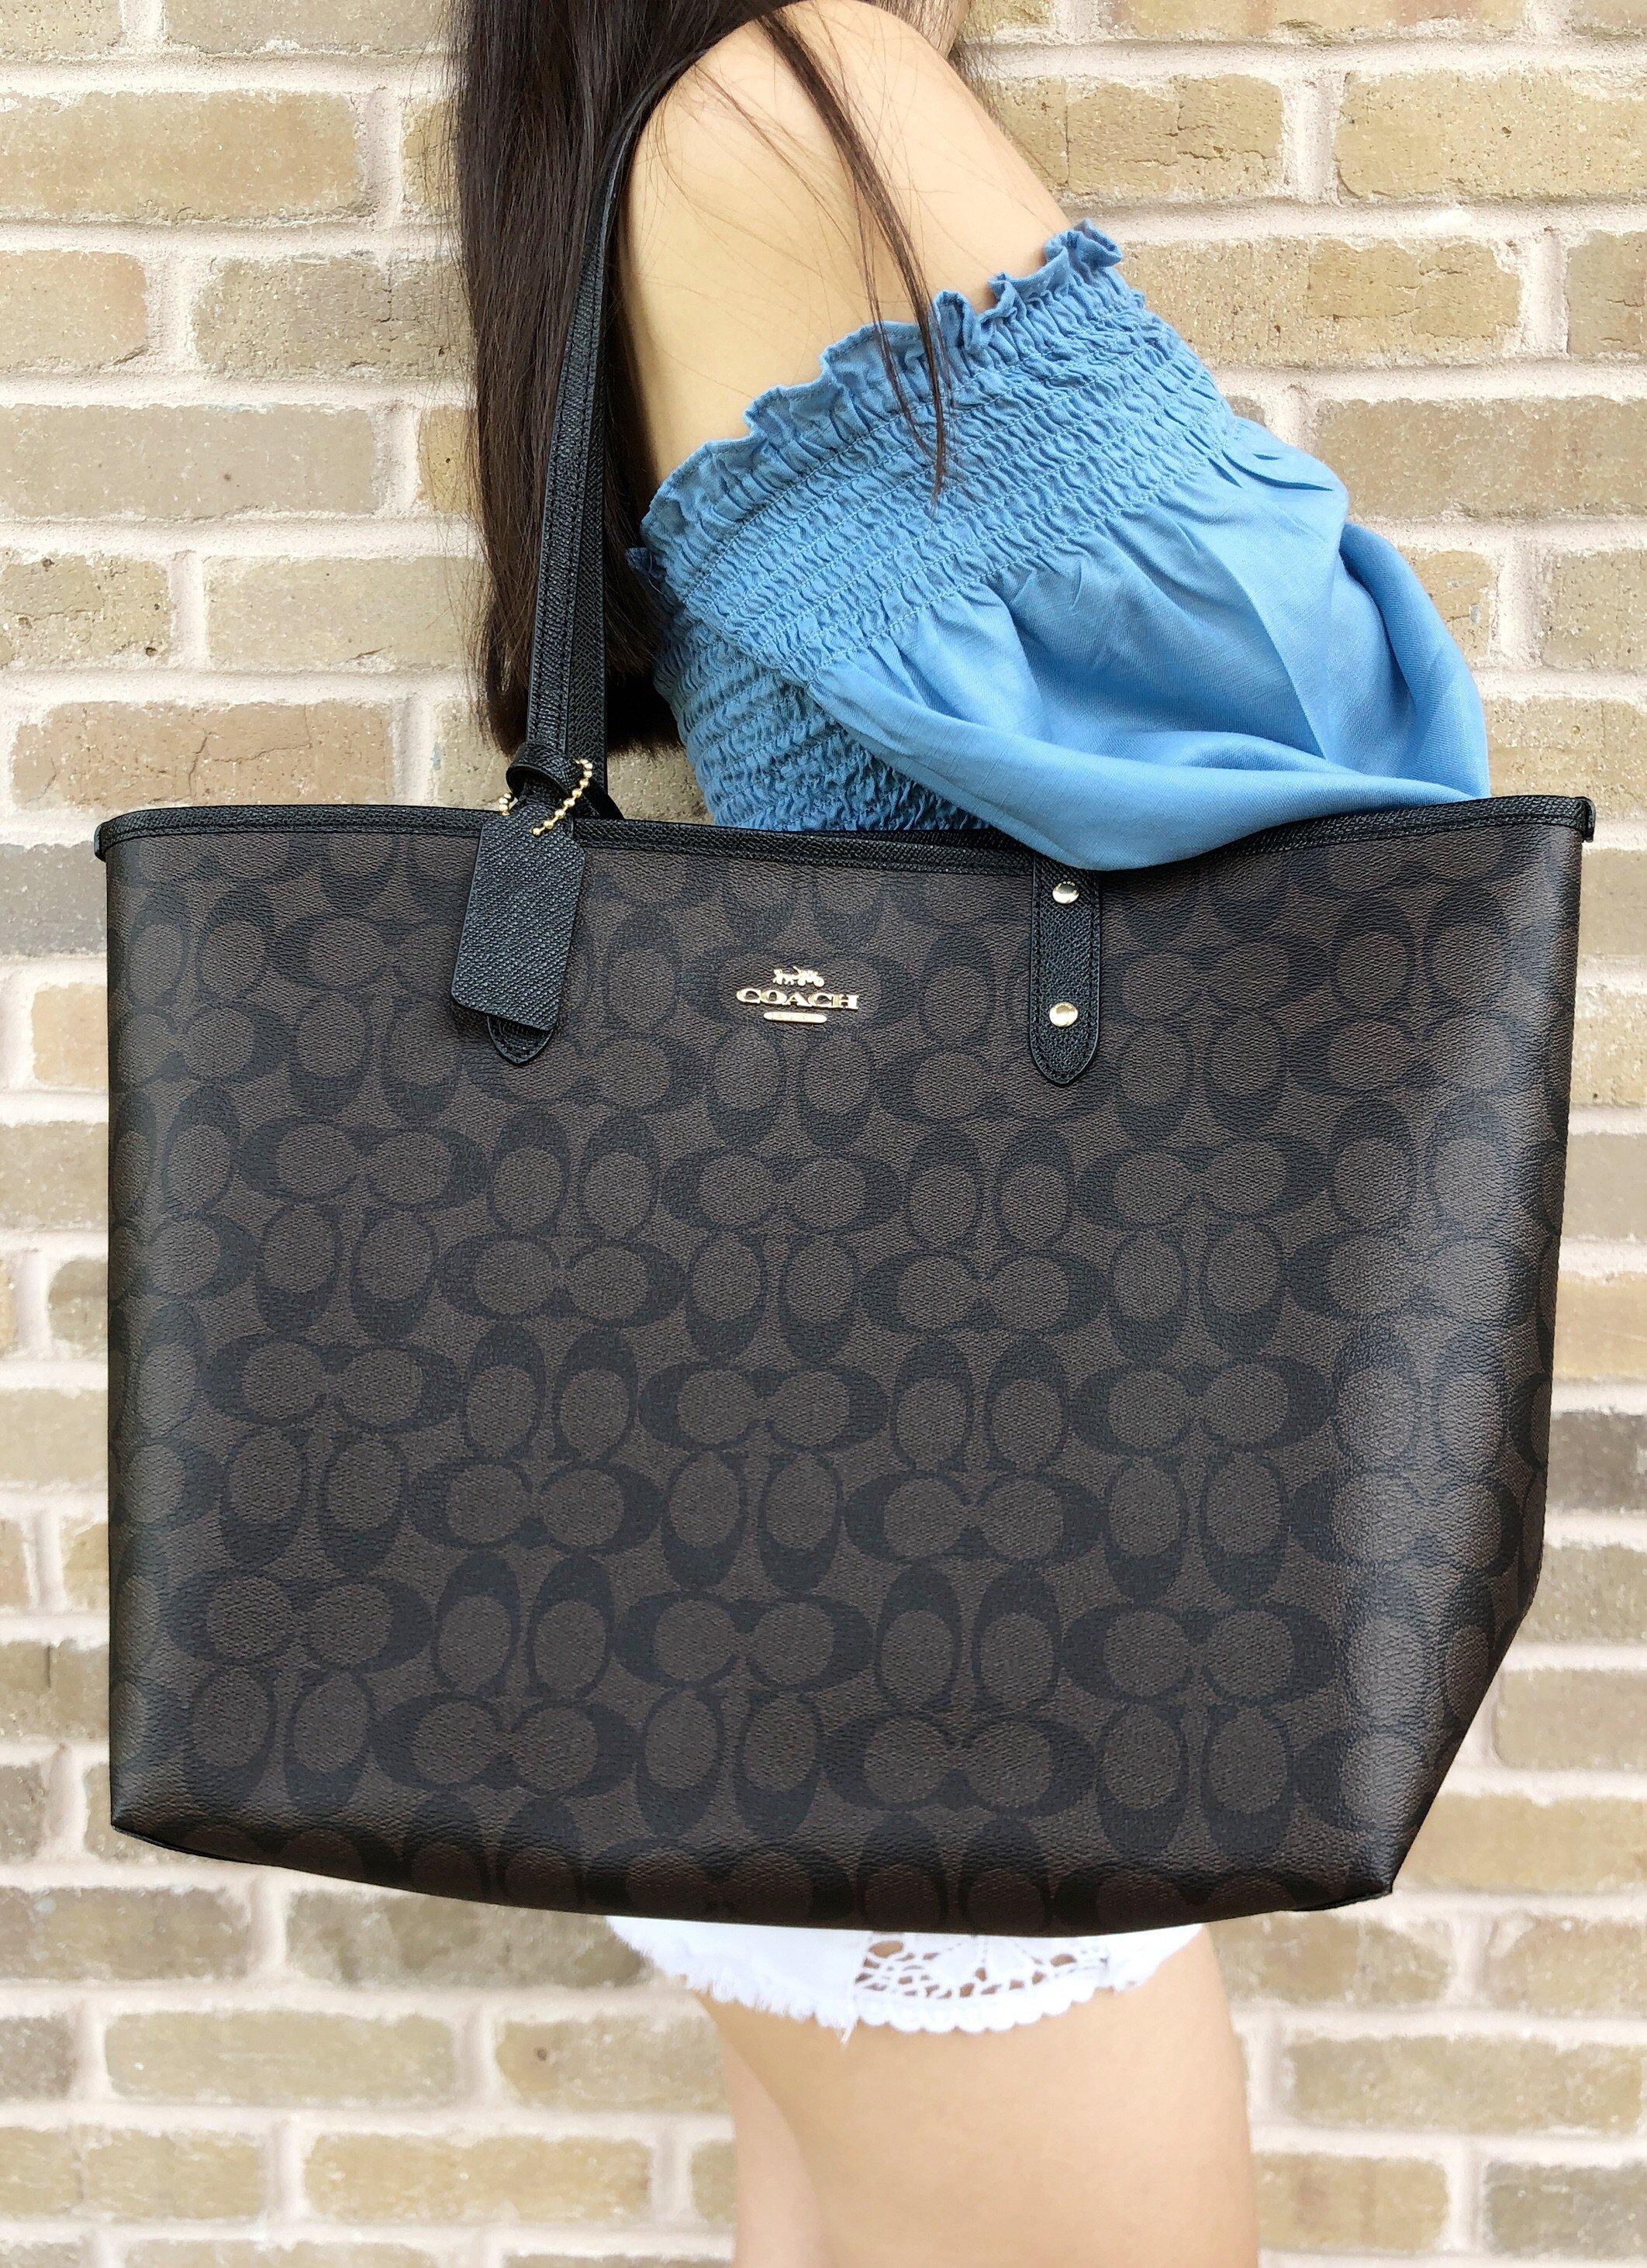 2f4ae11c5e58 Rakuten Home · Gaby s Bags. Coach F36658 Reversible City Tote Signature  Brown Black 0